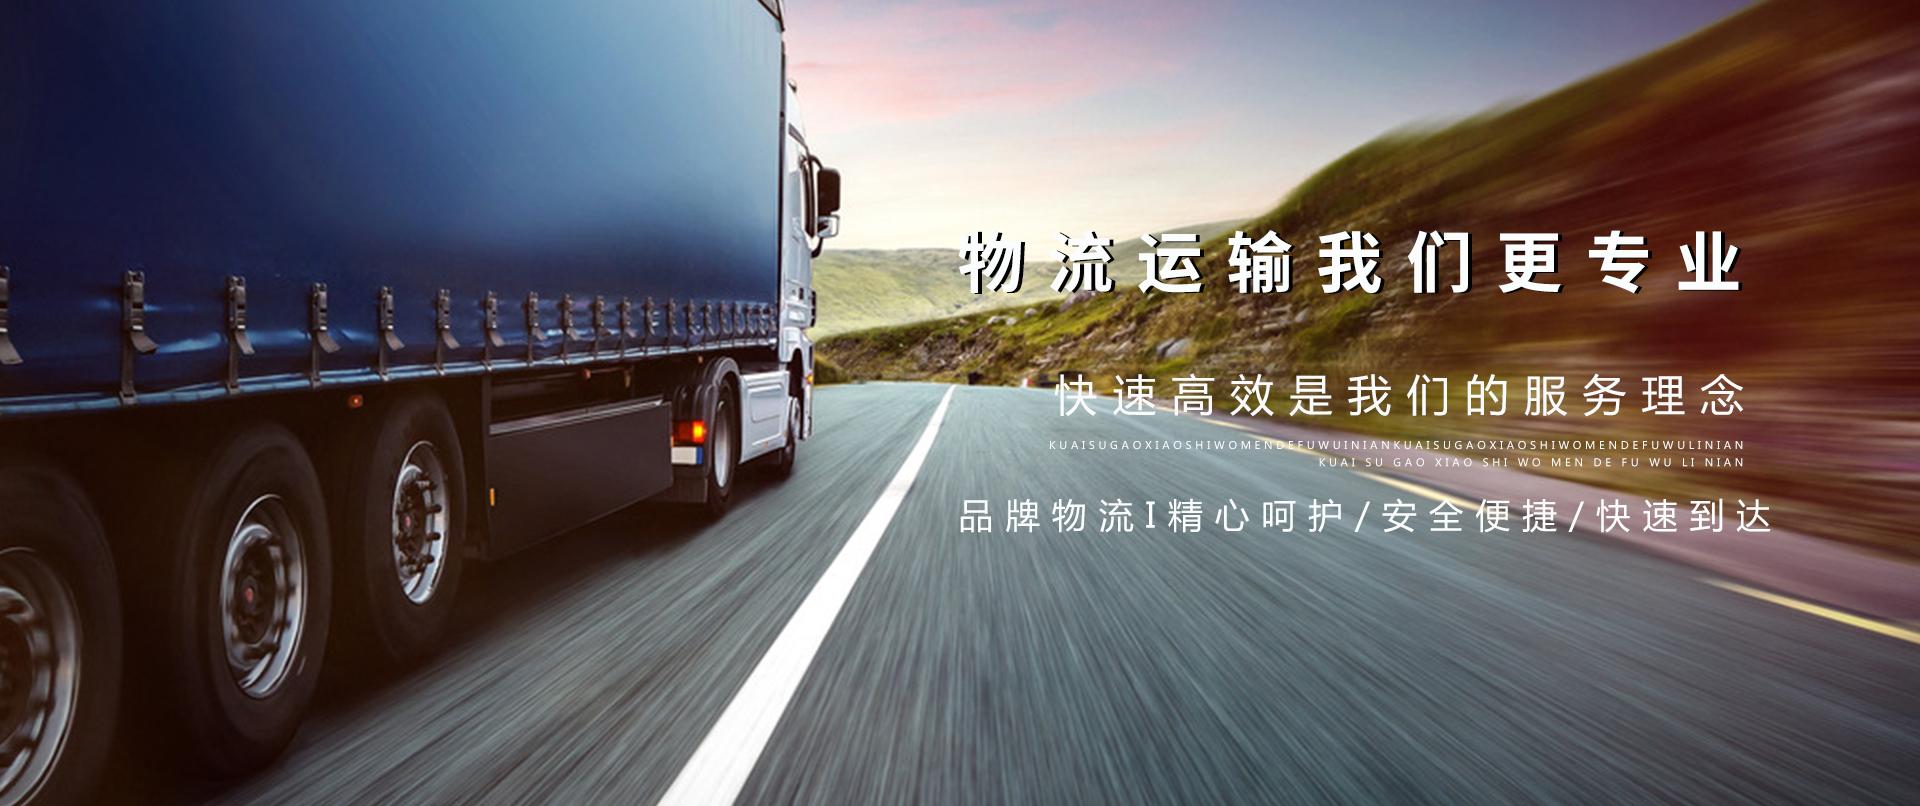 物流运输公司,物流配送公司,物流公司配送